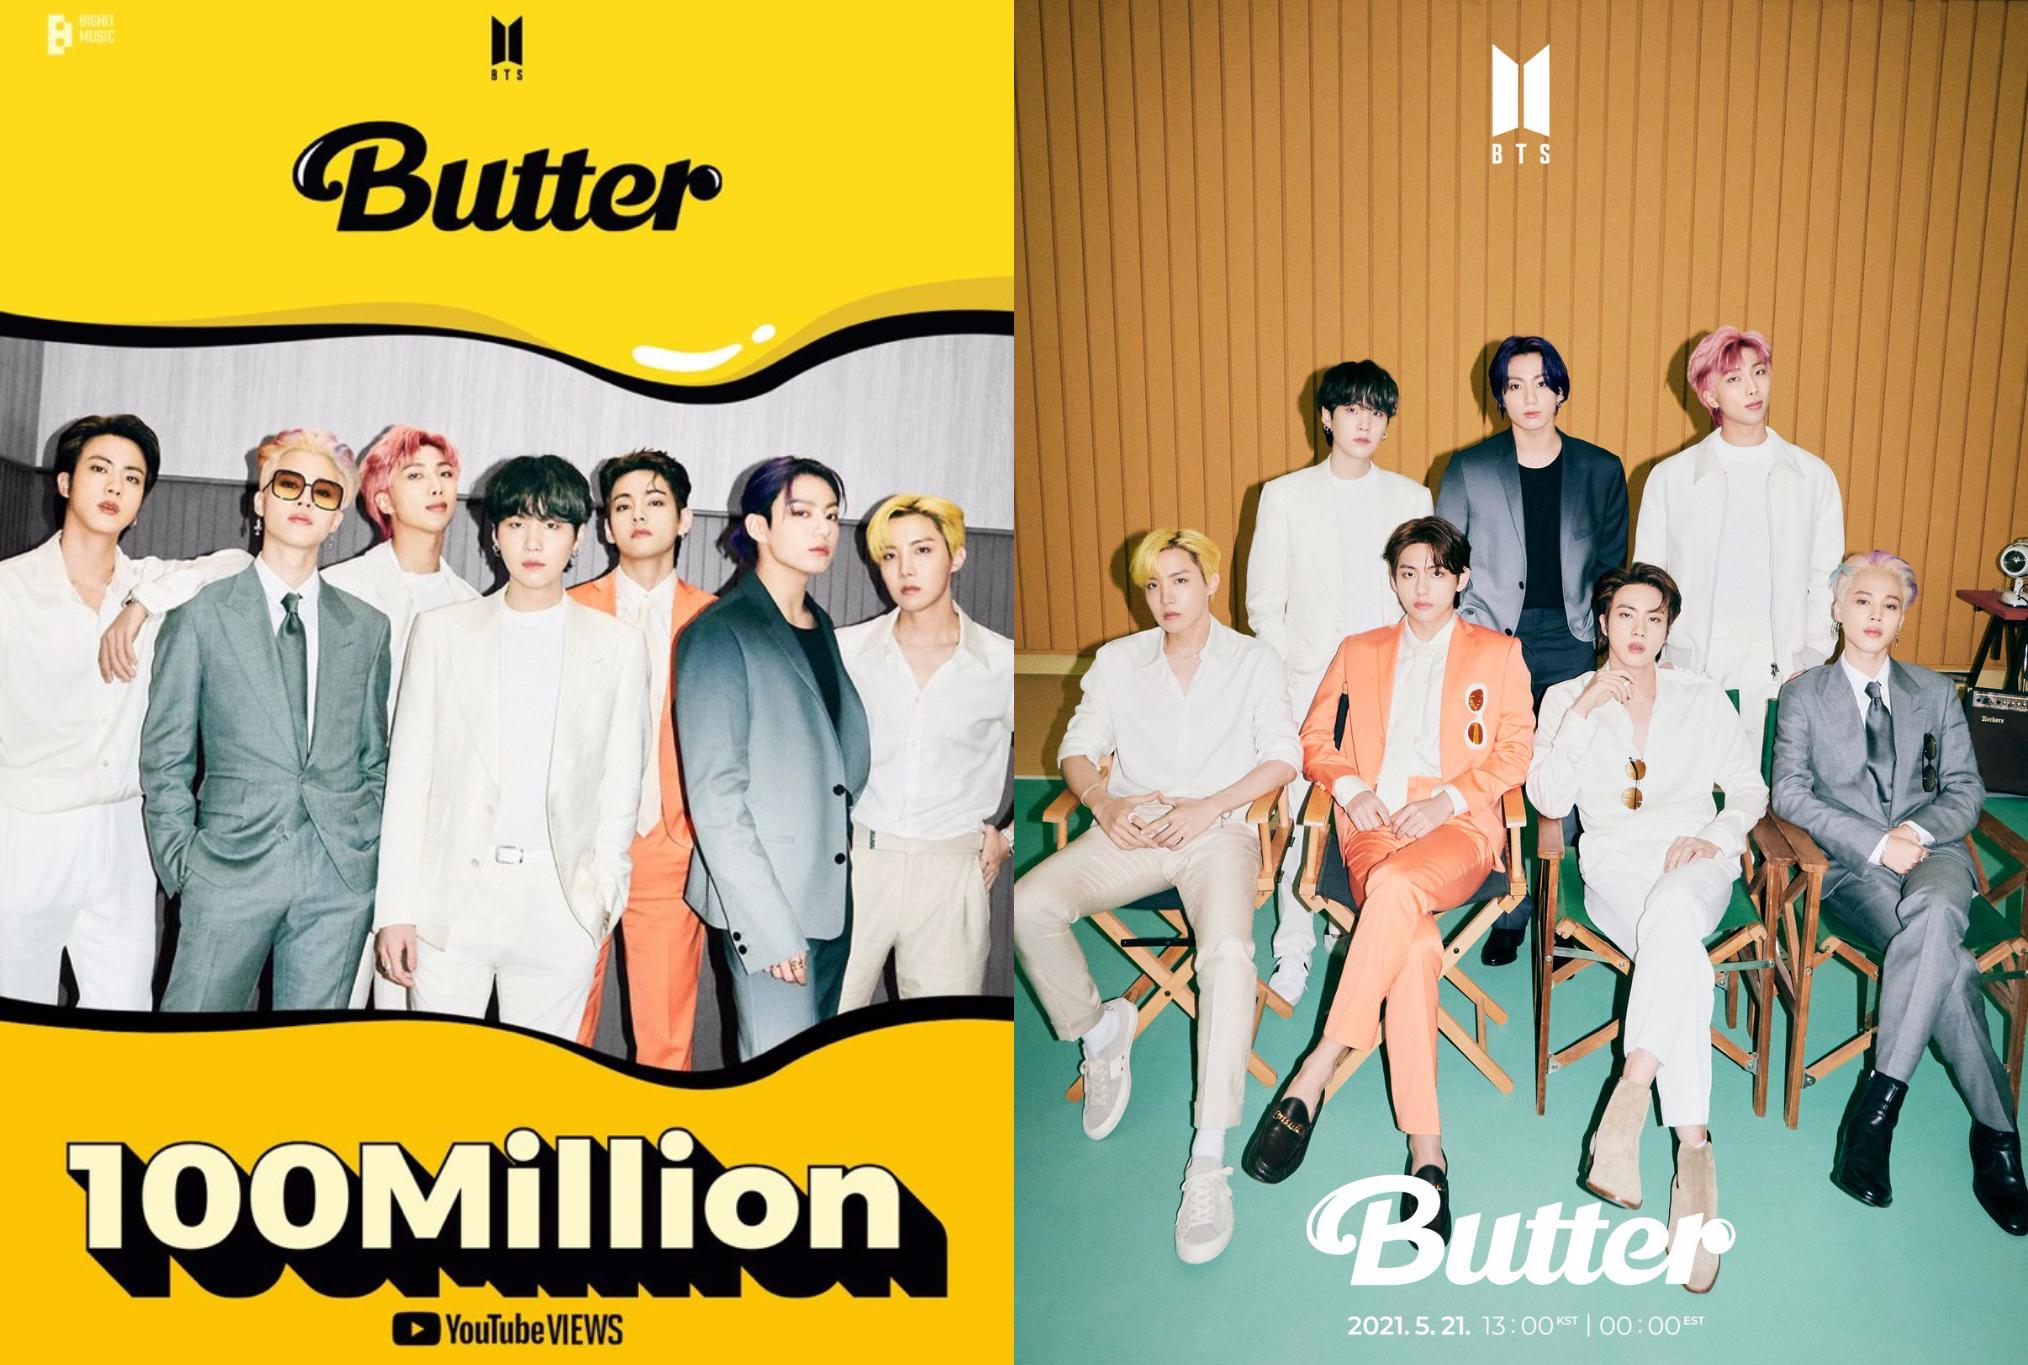 防弹少年团《Butter》音乐视频点击率,在短短21小时破亿!-图摘自@Kpop_Herald/@bts_bighit-